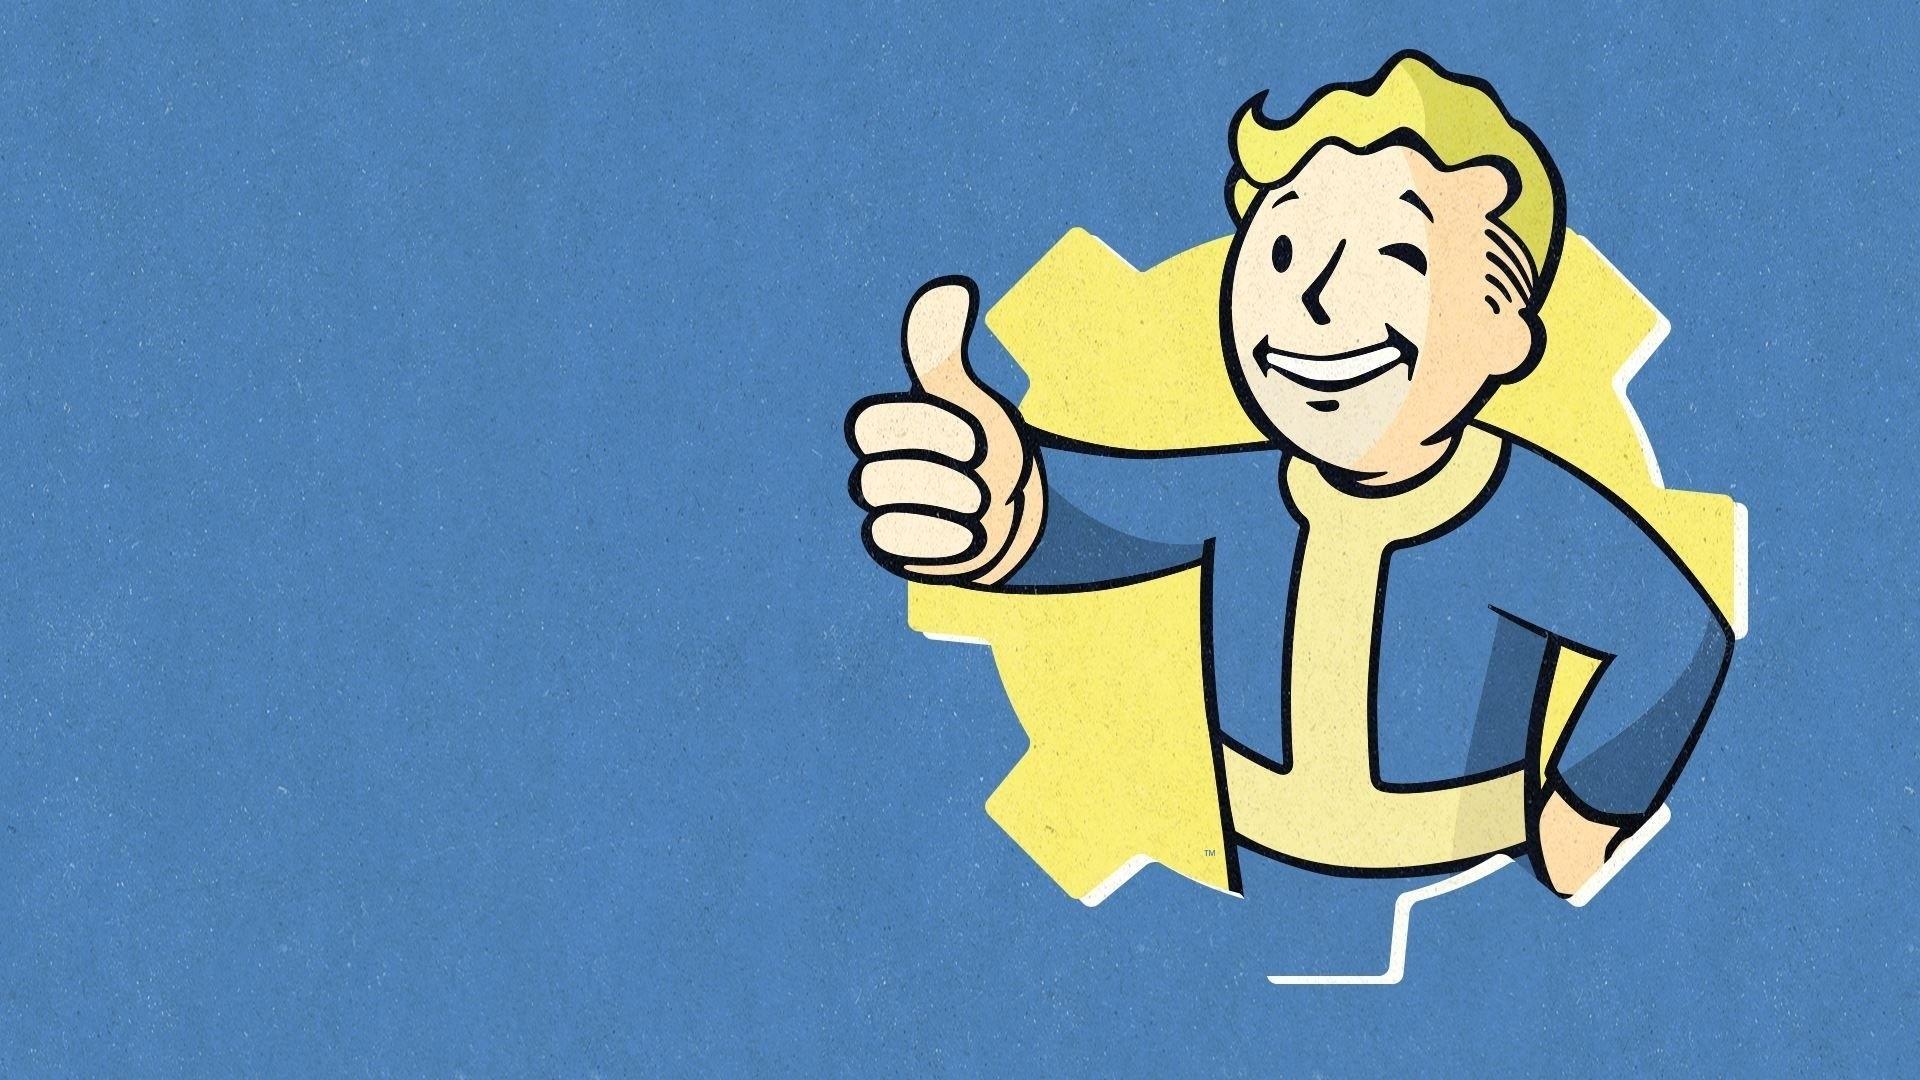 10 Best Fallout Vault Boy Wallpaper FULL HD 1080p For PC Desktop